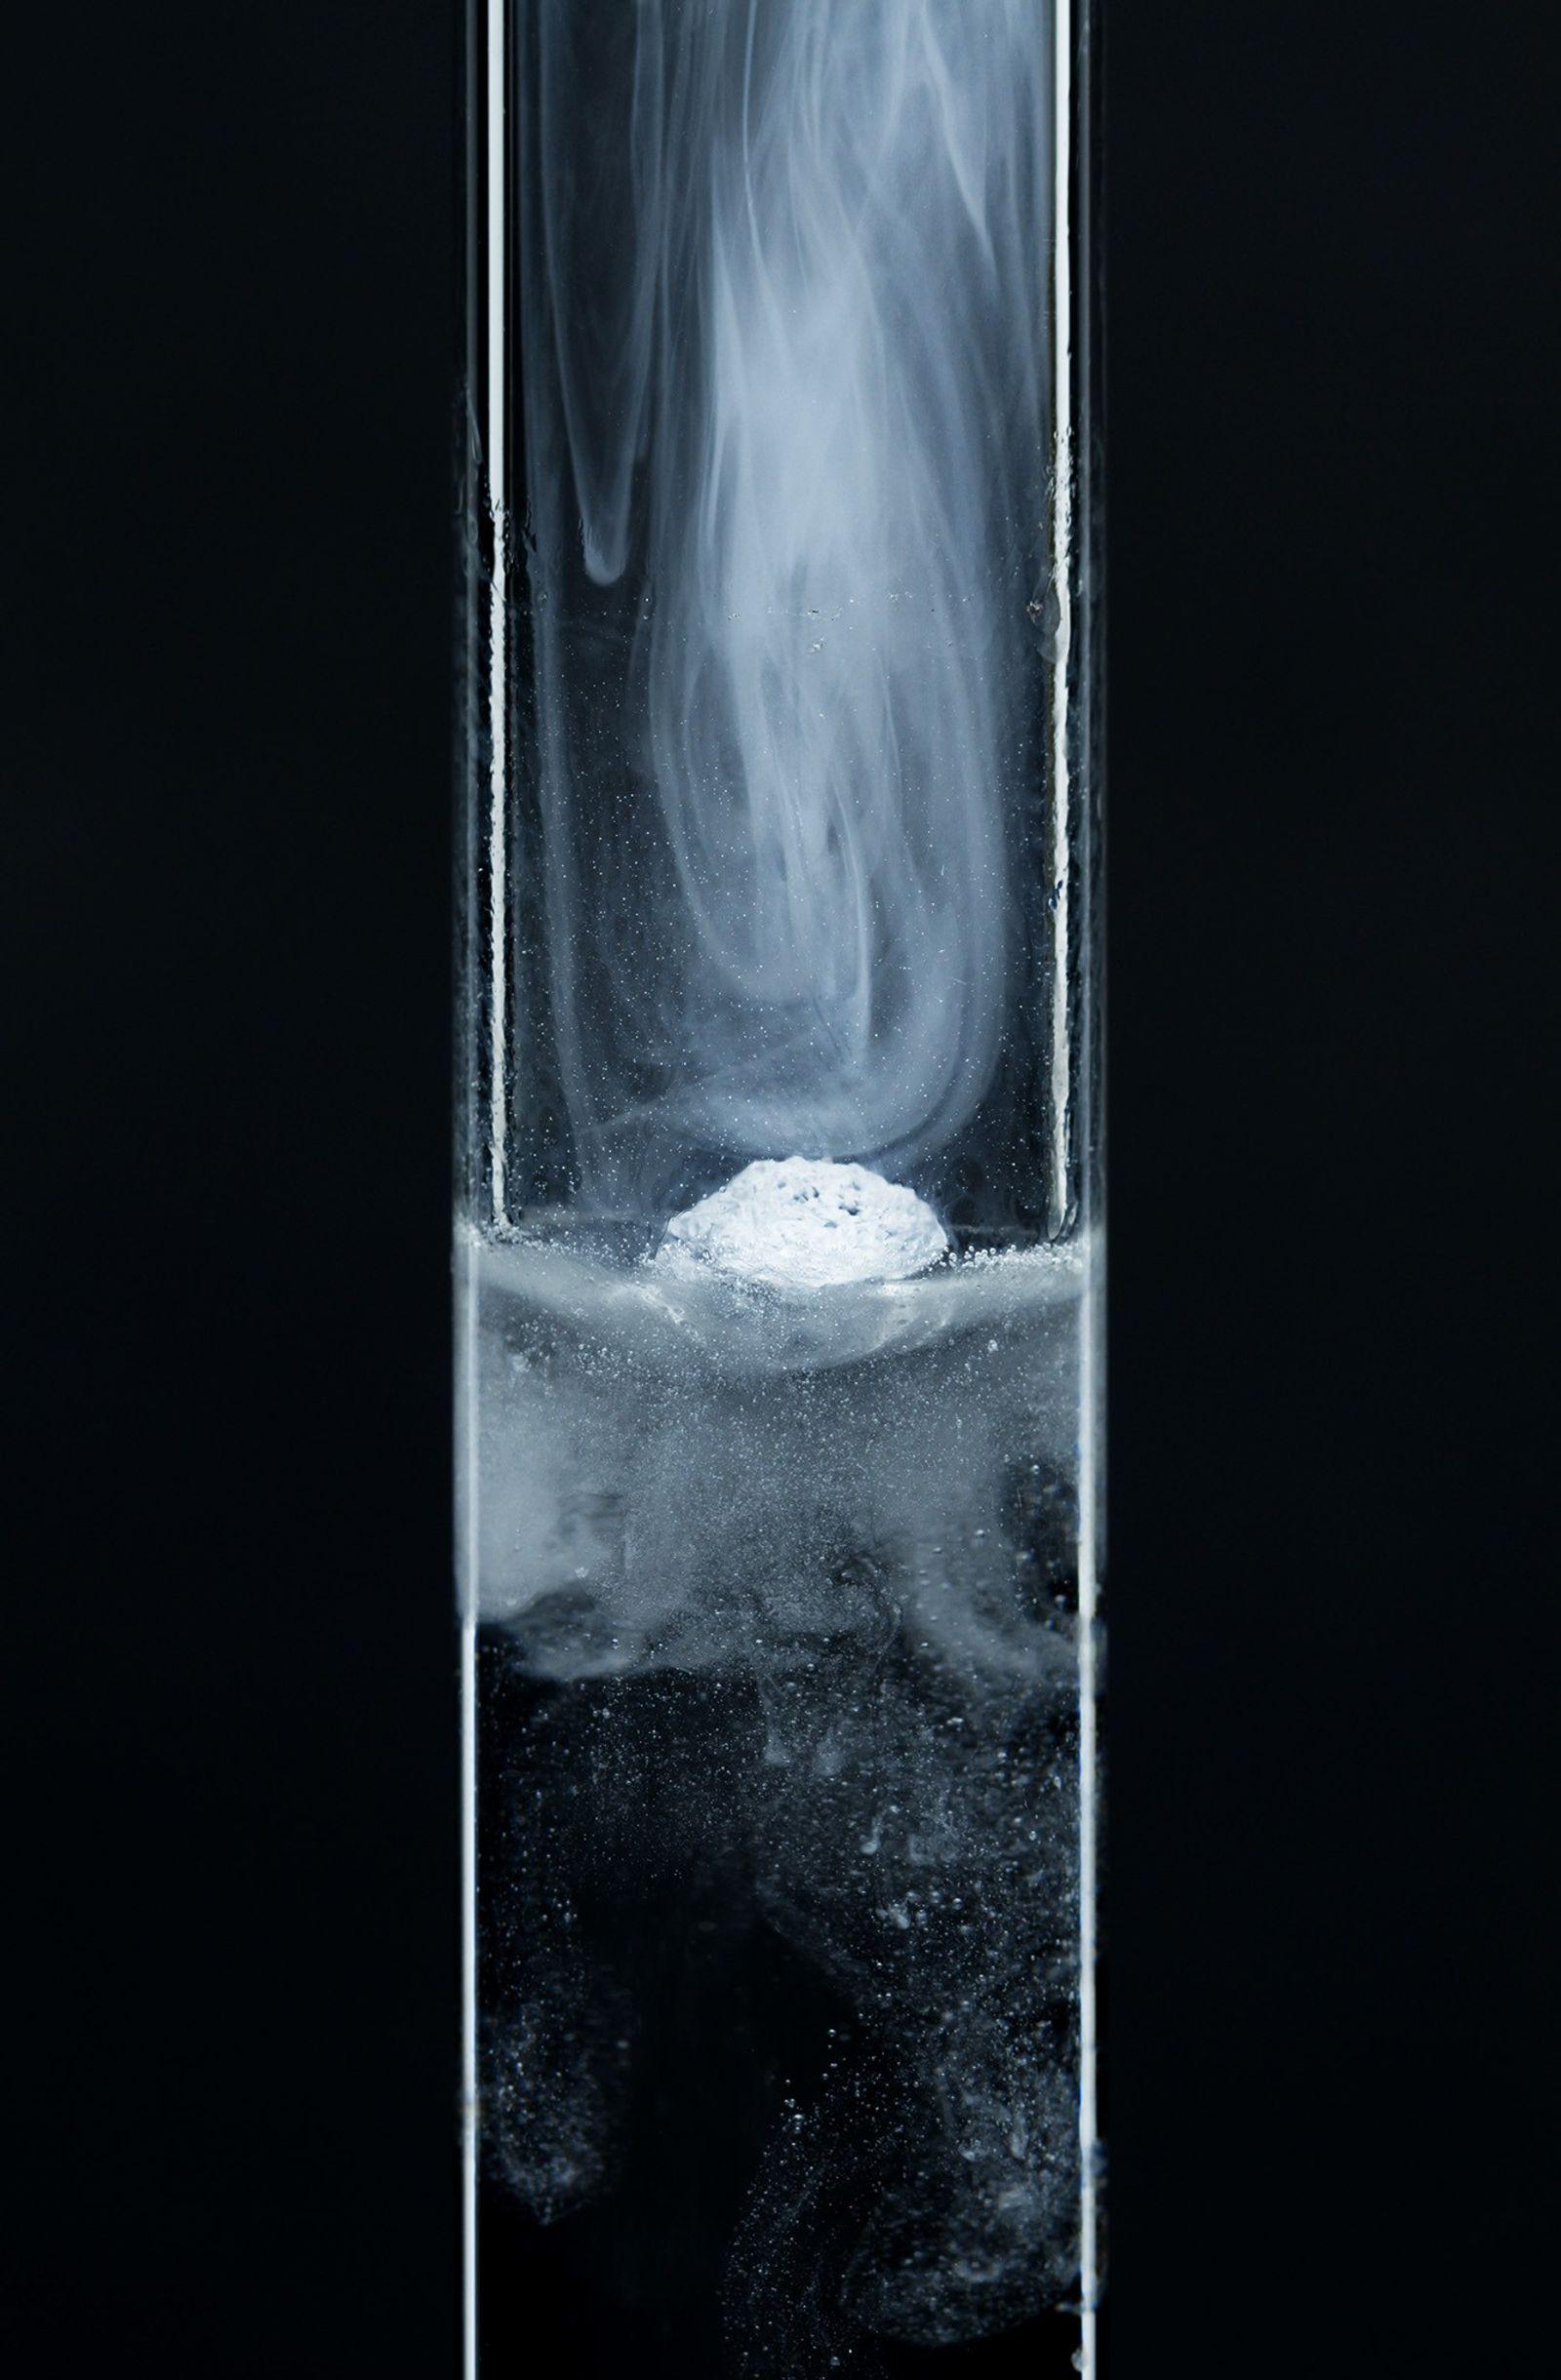 Lorsqu'un morceau de potassium métallique est déposé dans un tube à essai rempli d'eau, il se ...